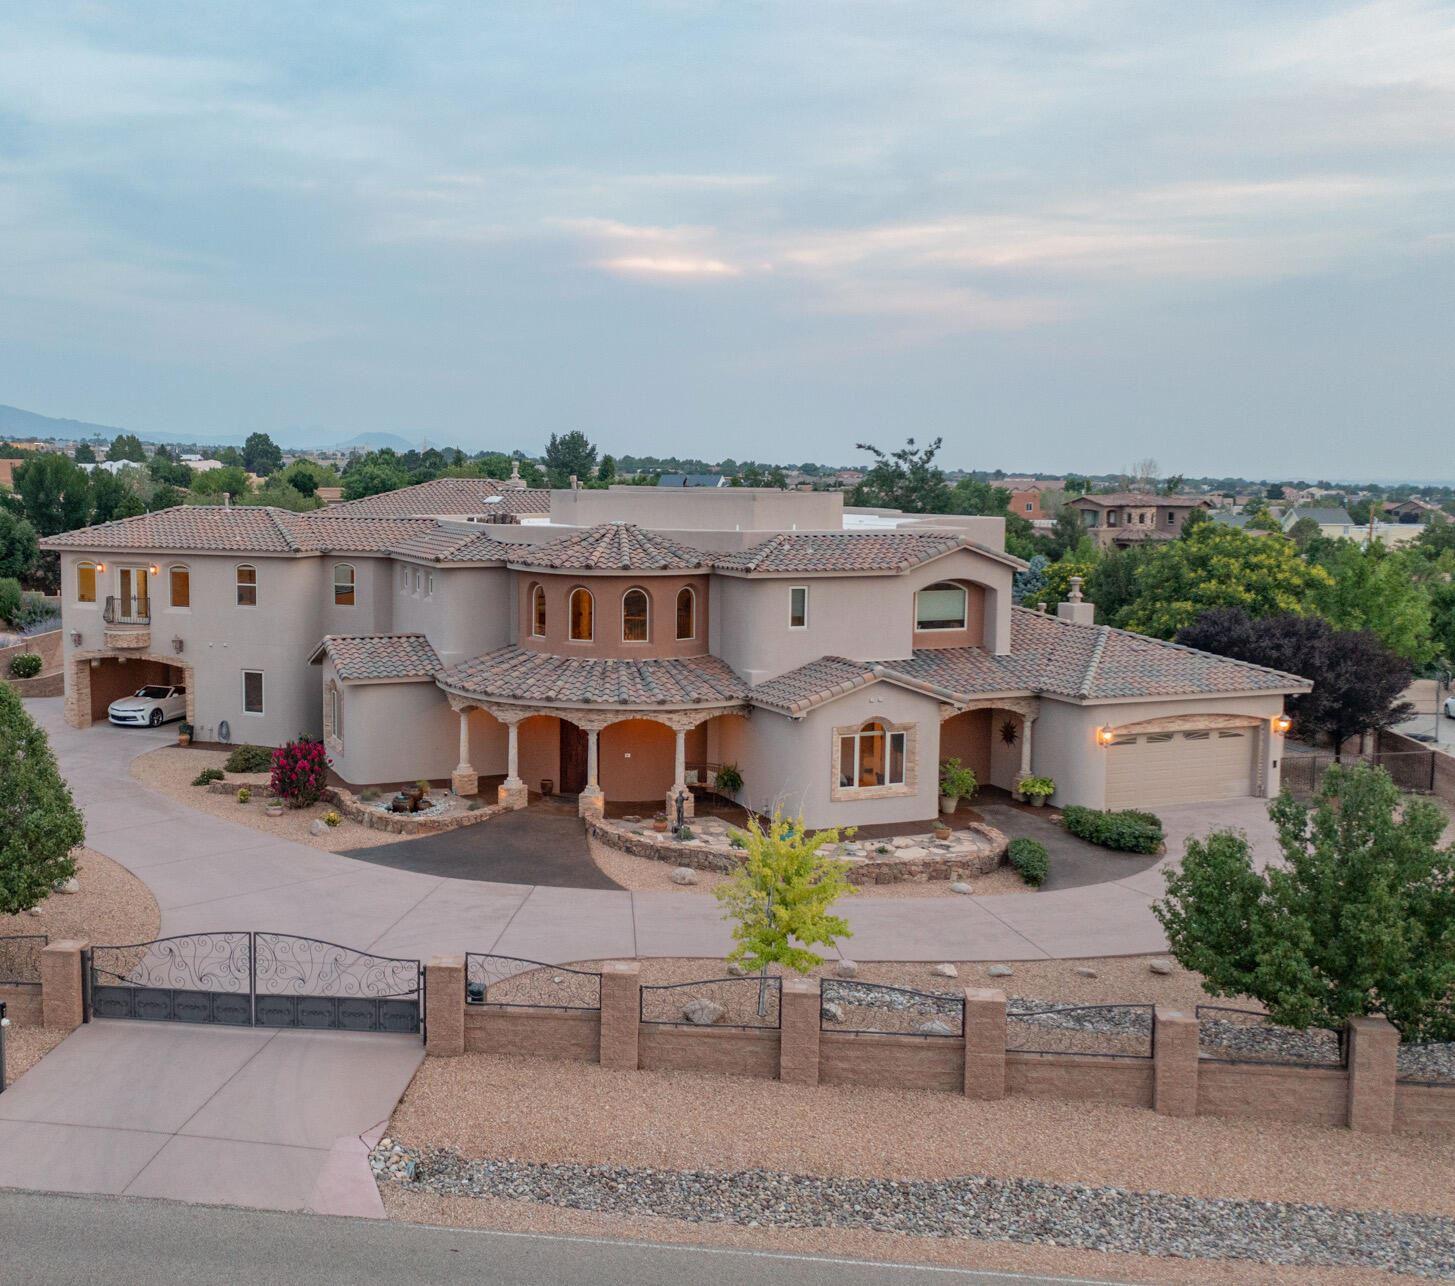 Photo of 10000 SIGNAL Avenue NE, Albuquerque, NM 87122 (MLS # 996924)